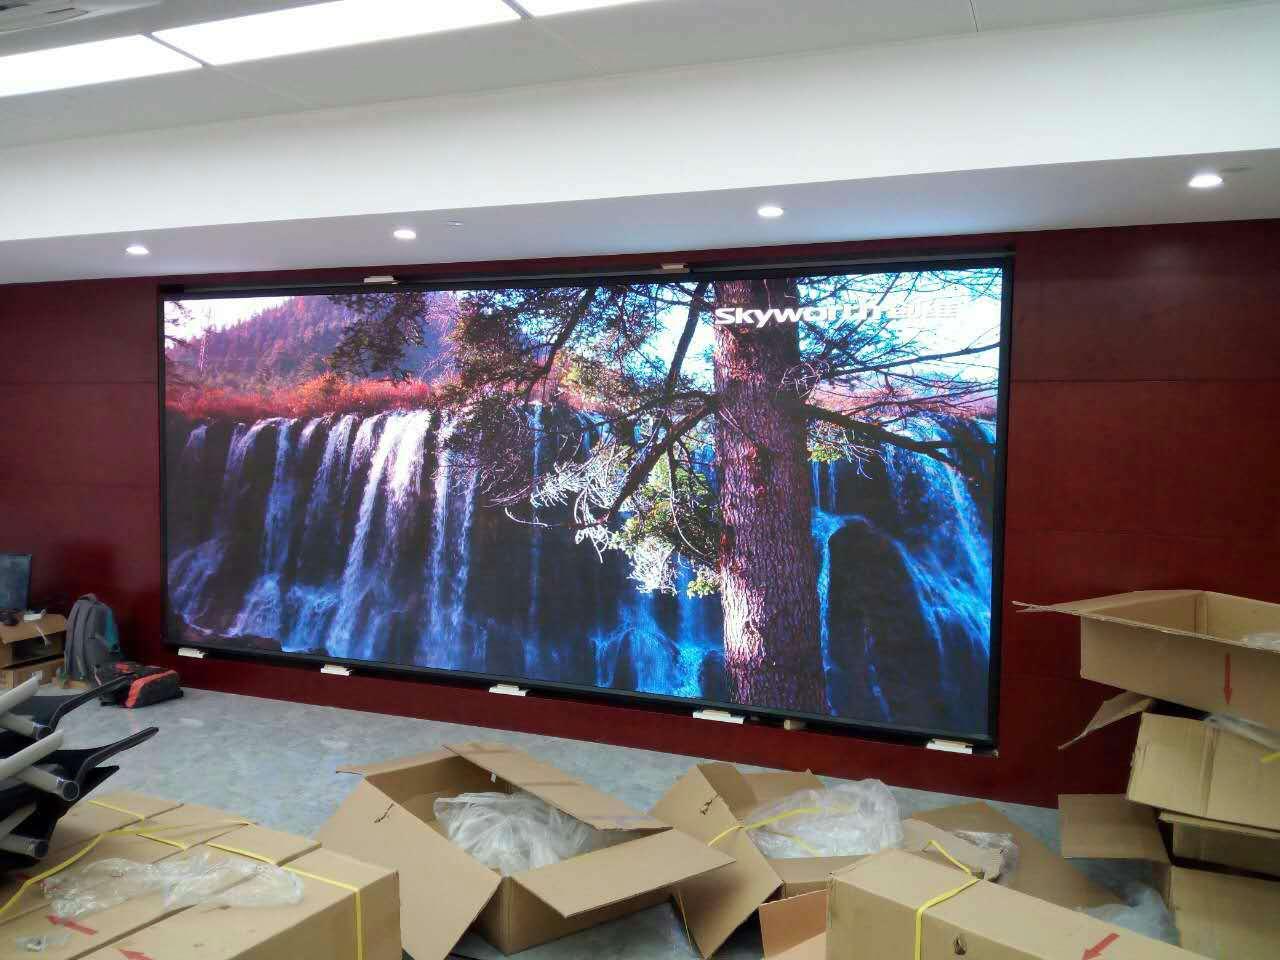 泰安酒店婚庆LED显示屏品牌企业 值得信赖 合肥龙发智能科技供应